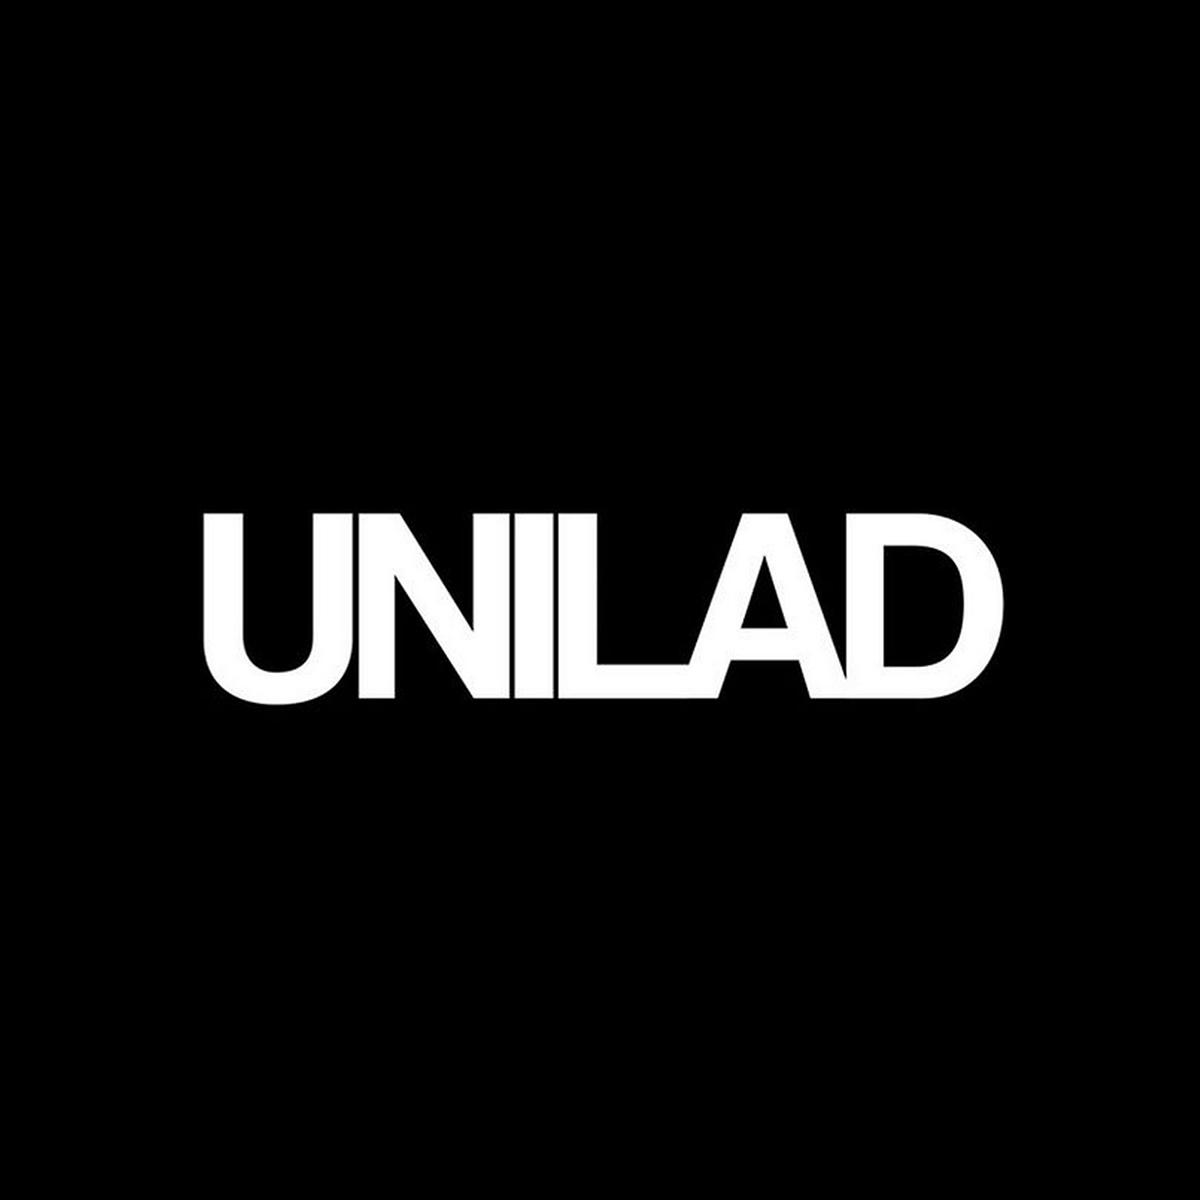 UniLad logo